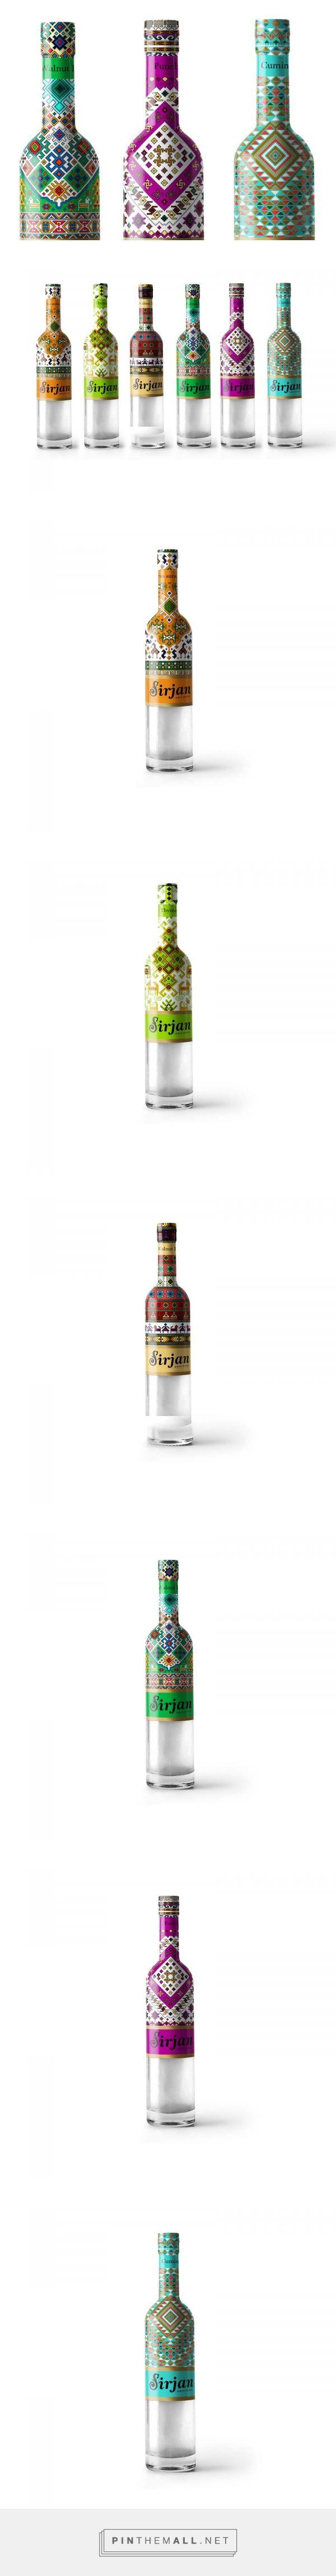 Sirjan herbal syrup packaging design by Vahid Yaghoblo - http://www.packagingoftheworld.com/2018/01/sirjan.html